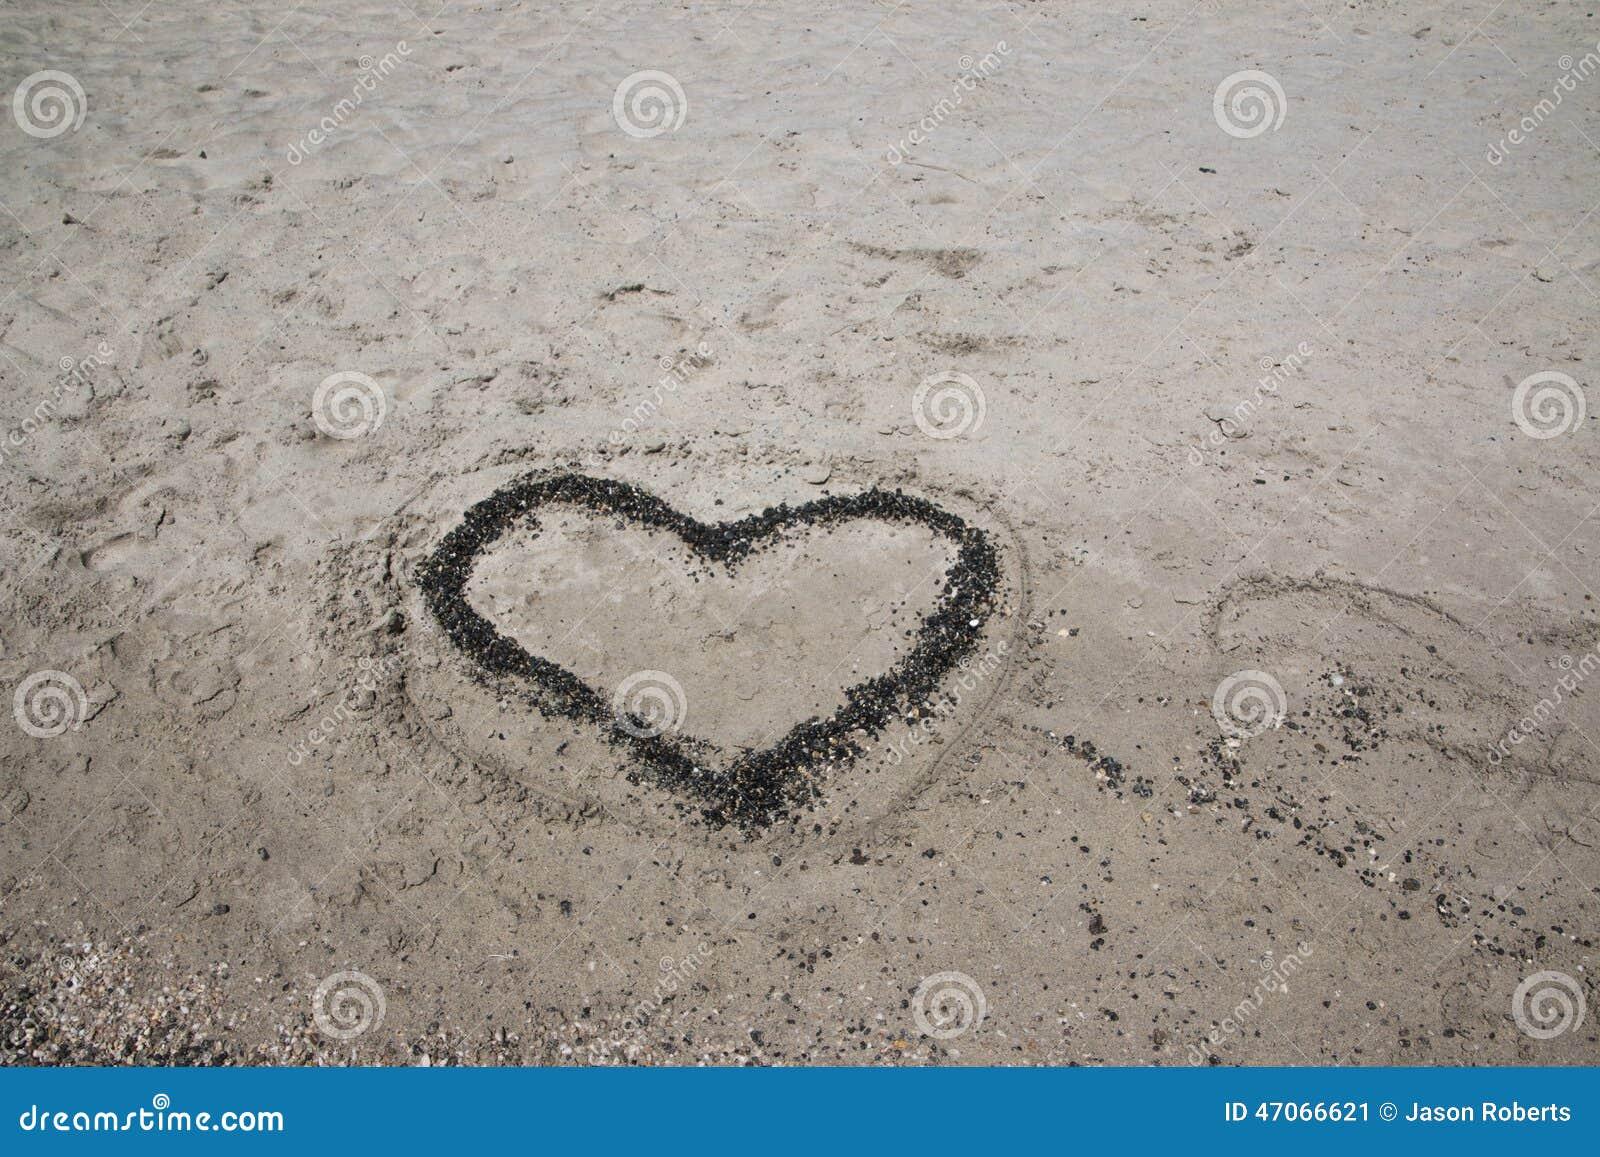 A Heart In The Sand On A Beach